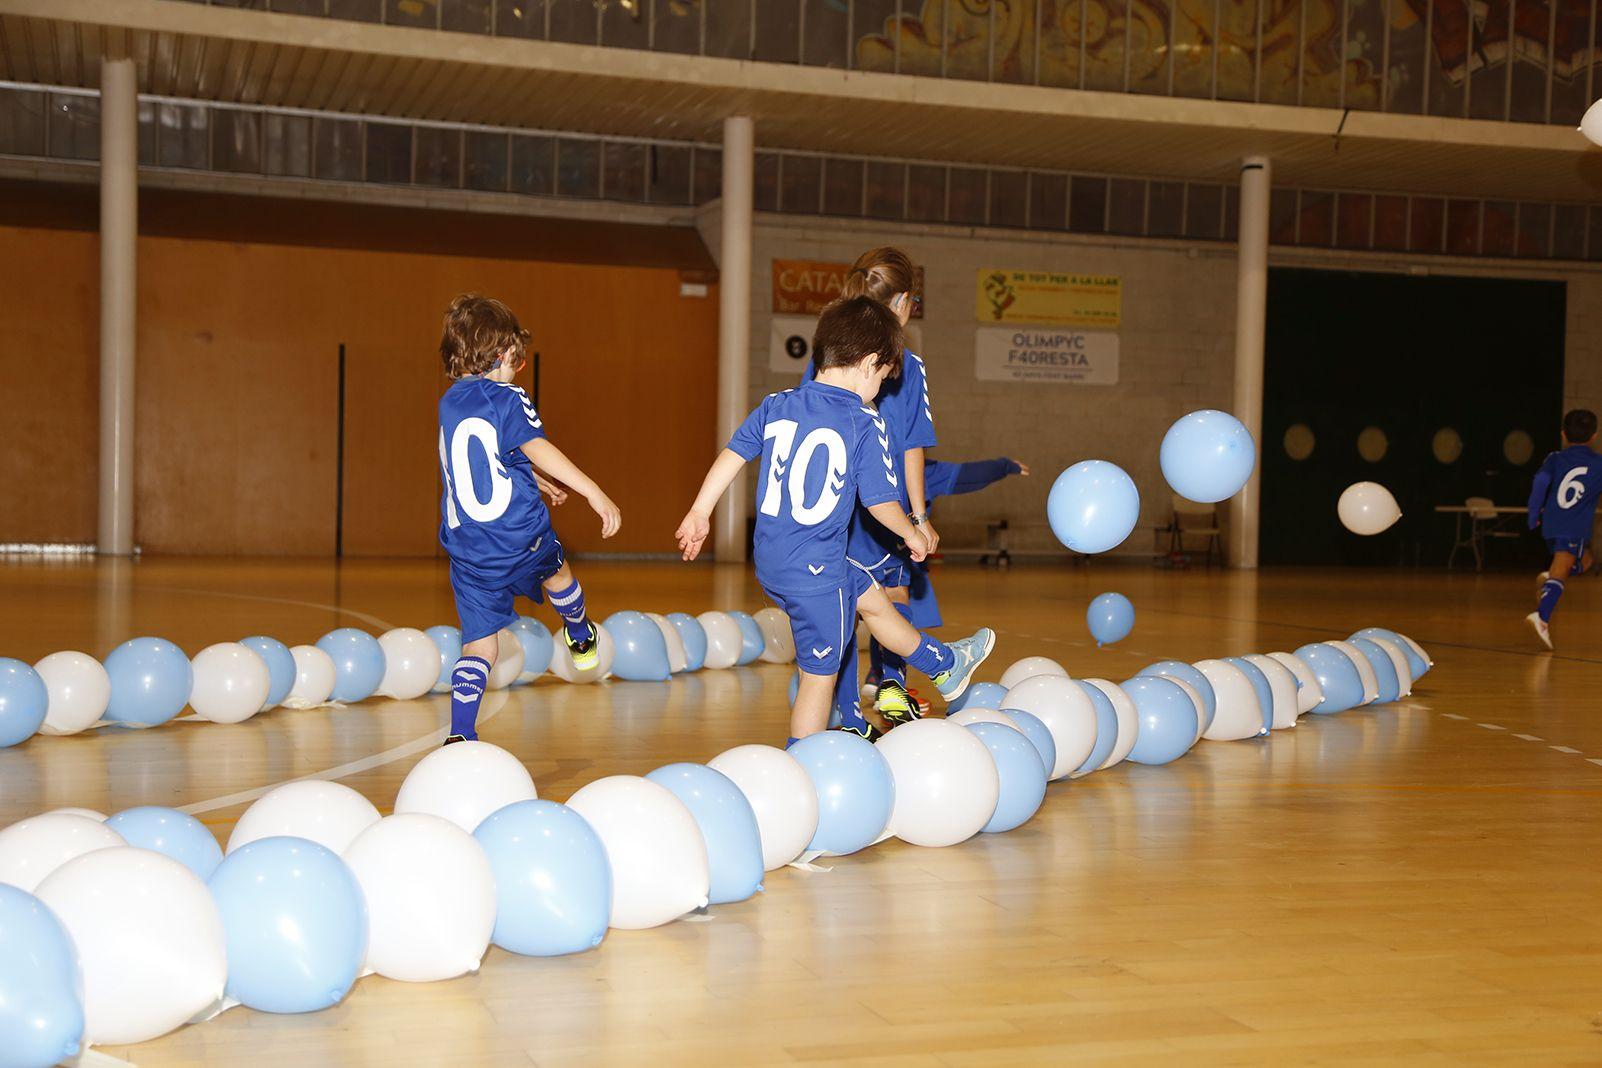 Presentació d'equips del futbol sala Olimpyc la Floresta  2019. FOTO: Anna Bassa